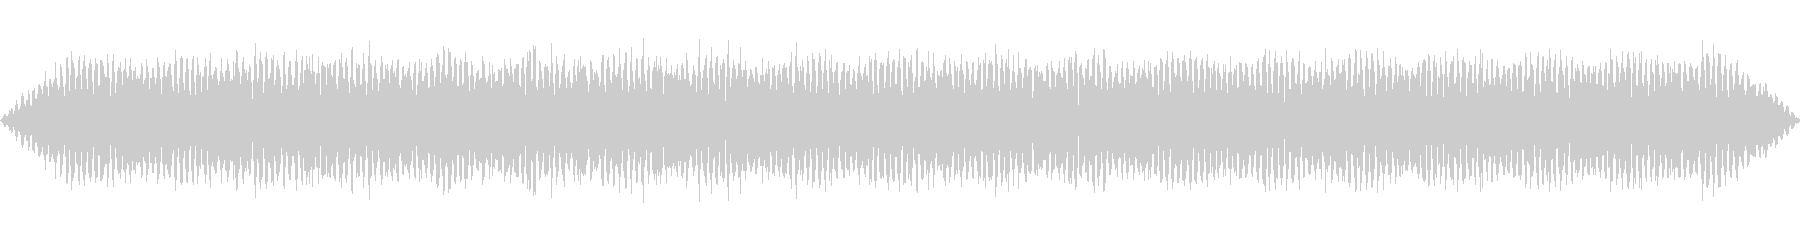 コンベアベルト(工場機)の未再生の波形